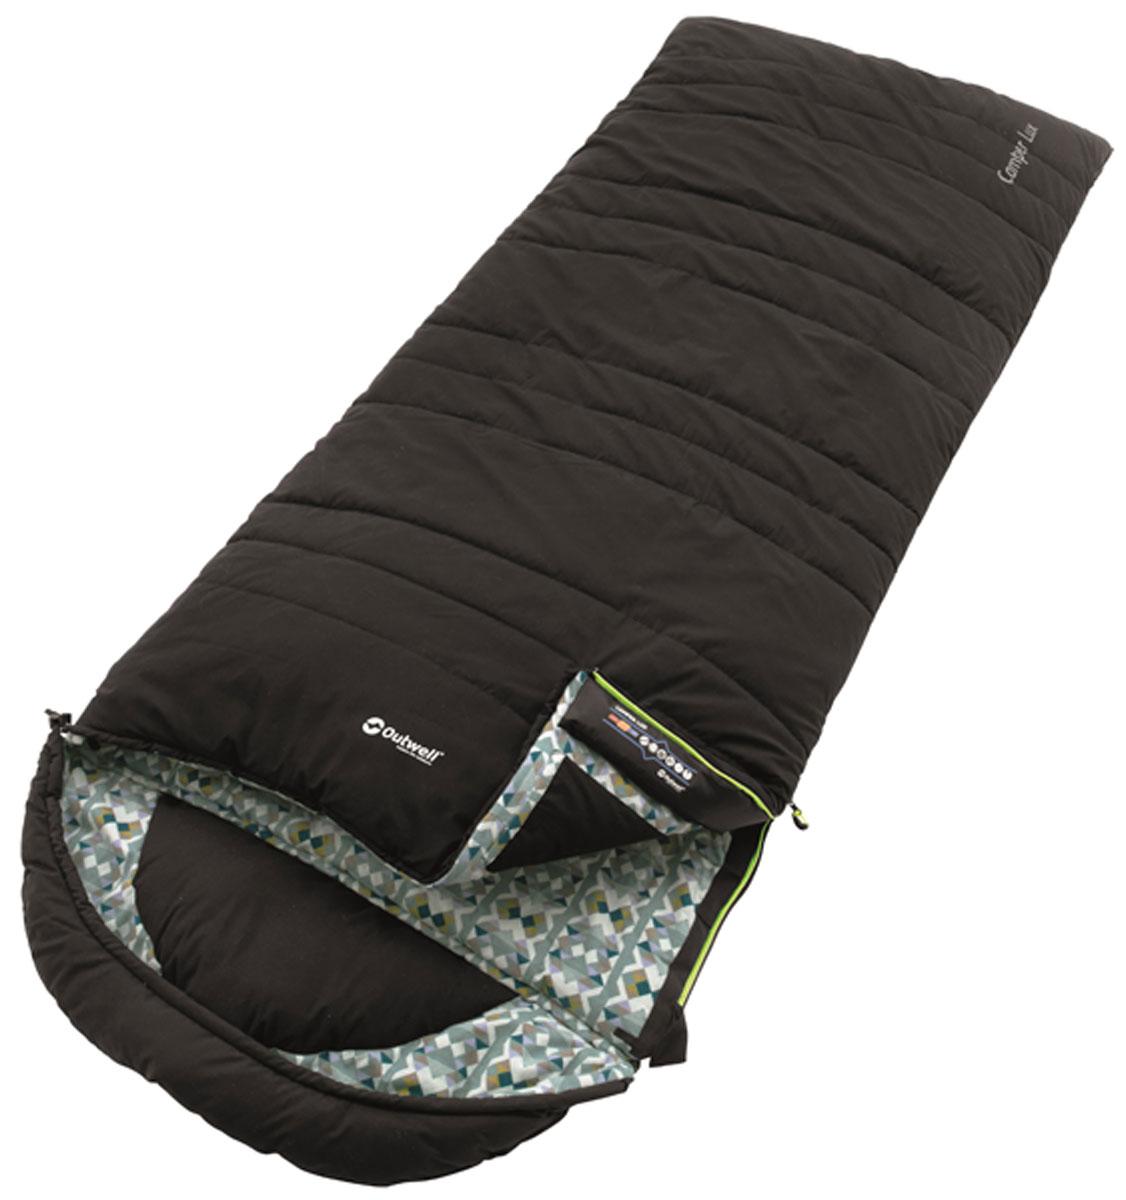 Спальный мешок-одеяло Outwell Camper Lux, правосторонняя молния, с подголовником, цвет: черный, 235 х 90 см